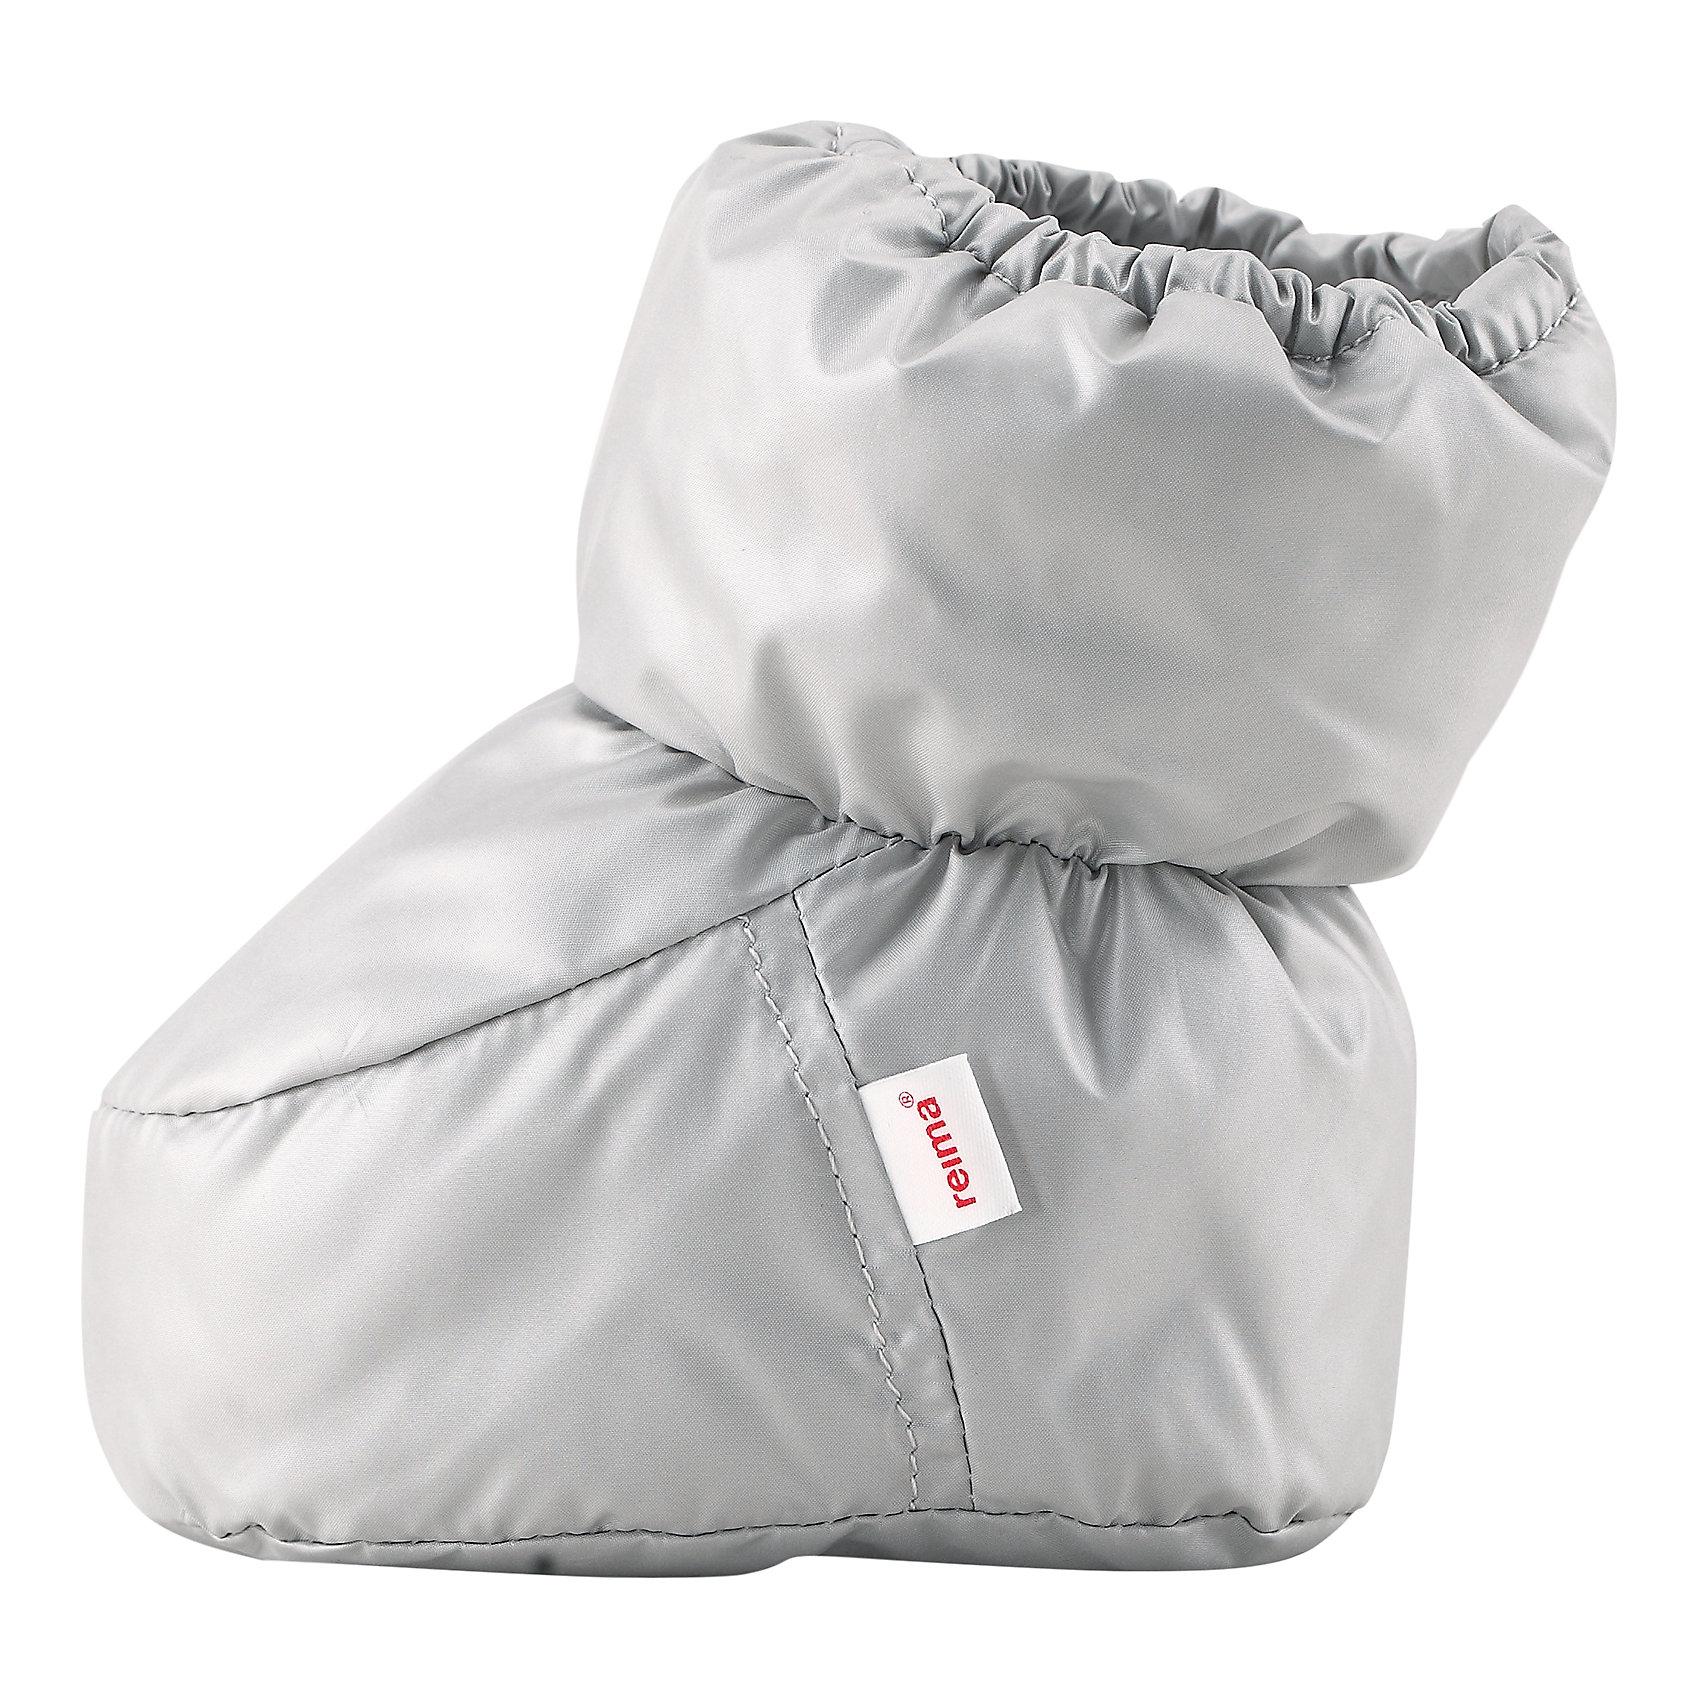 Пинетки Uskallus ReimaПинетки  Reima<br>Пинетки для самых маленьких. Водоотталкивающий, ветронепроницаемый и «дышащий» материал. Мягкая подкладка из хлопка и эластана. Легкая степень утепления. Логотип Reima® сбоку.<br>Утеплитель: Reima® Comfortinsulation,80 g<br>Уход:<br>Стирать с бельем одинакового цвета, вывернув наизнанку. Стирать моющим средством, не содержащим отбеливающие вещества. Полоскать без специального средства. Сушить при низкой температуре. <br>Состав:<br>100% Полиэстер<br><br>Ширина мм: 162<br>Глубина мм: 171<br>Высота мм: 55<br>Вес г: 119<br>Цвет: серый<br>Возраст от месяцев: 0<br>Возраст до месяцев: 12<br>Пол: Унисекс<br>Возраст: Детский<br>Размер: 0,1<br>SKU: 4775652